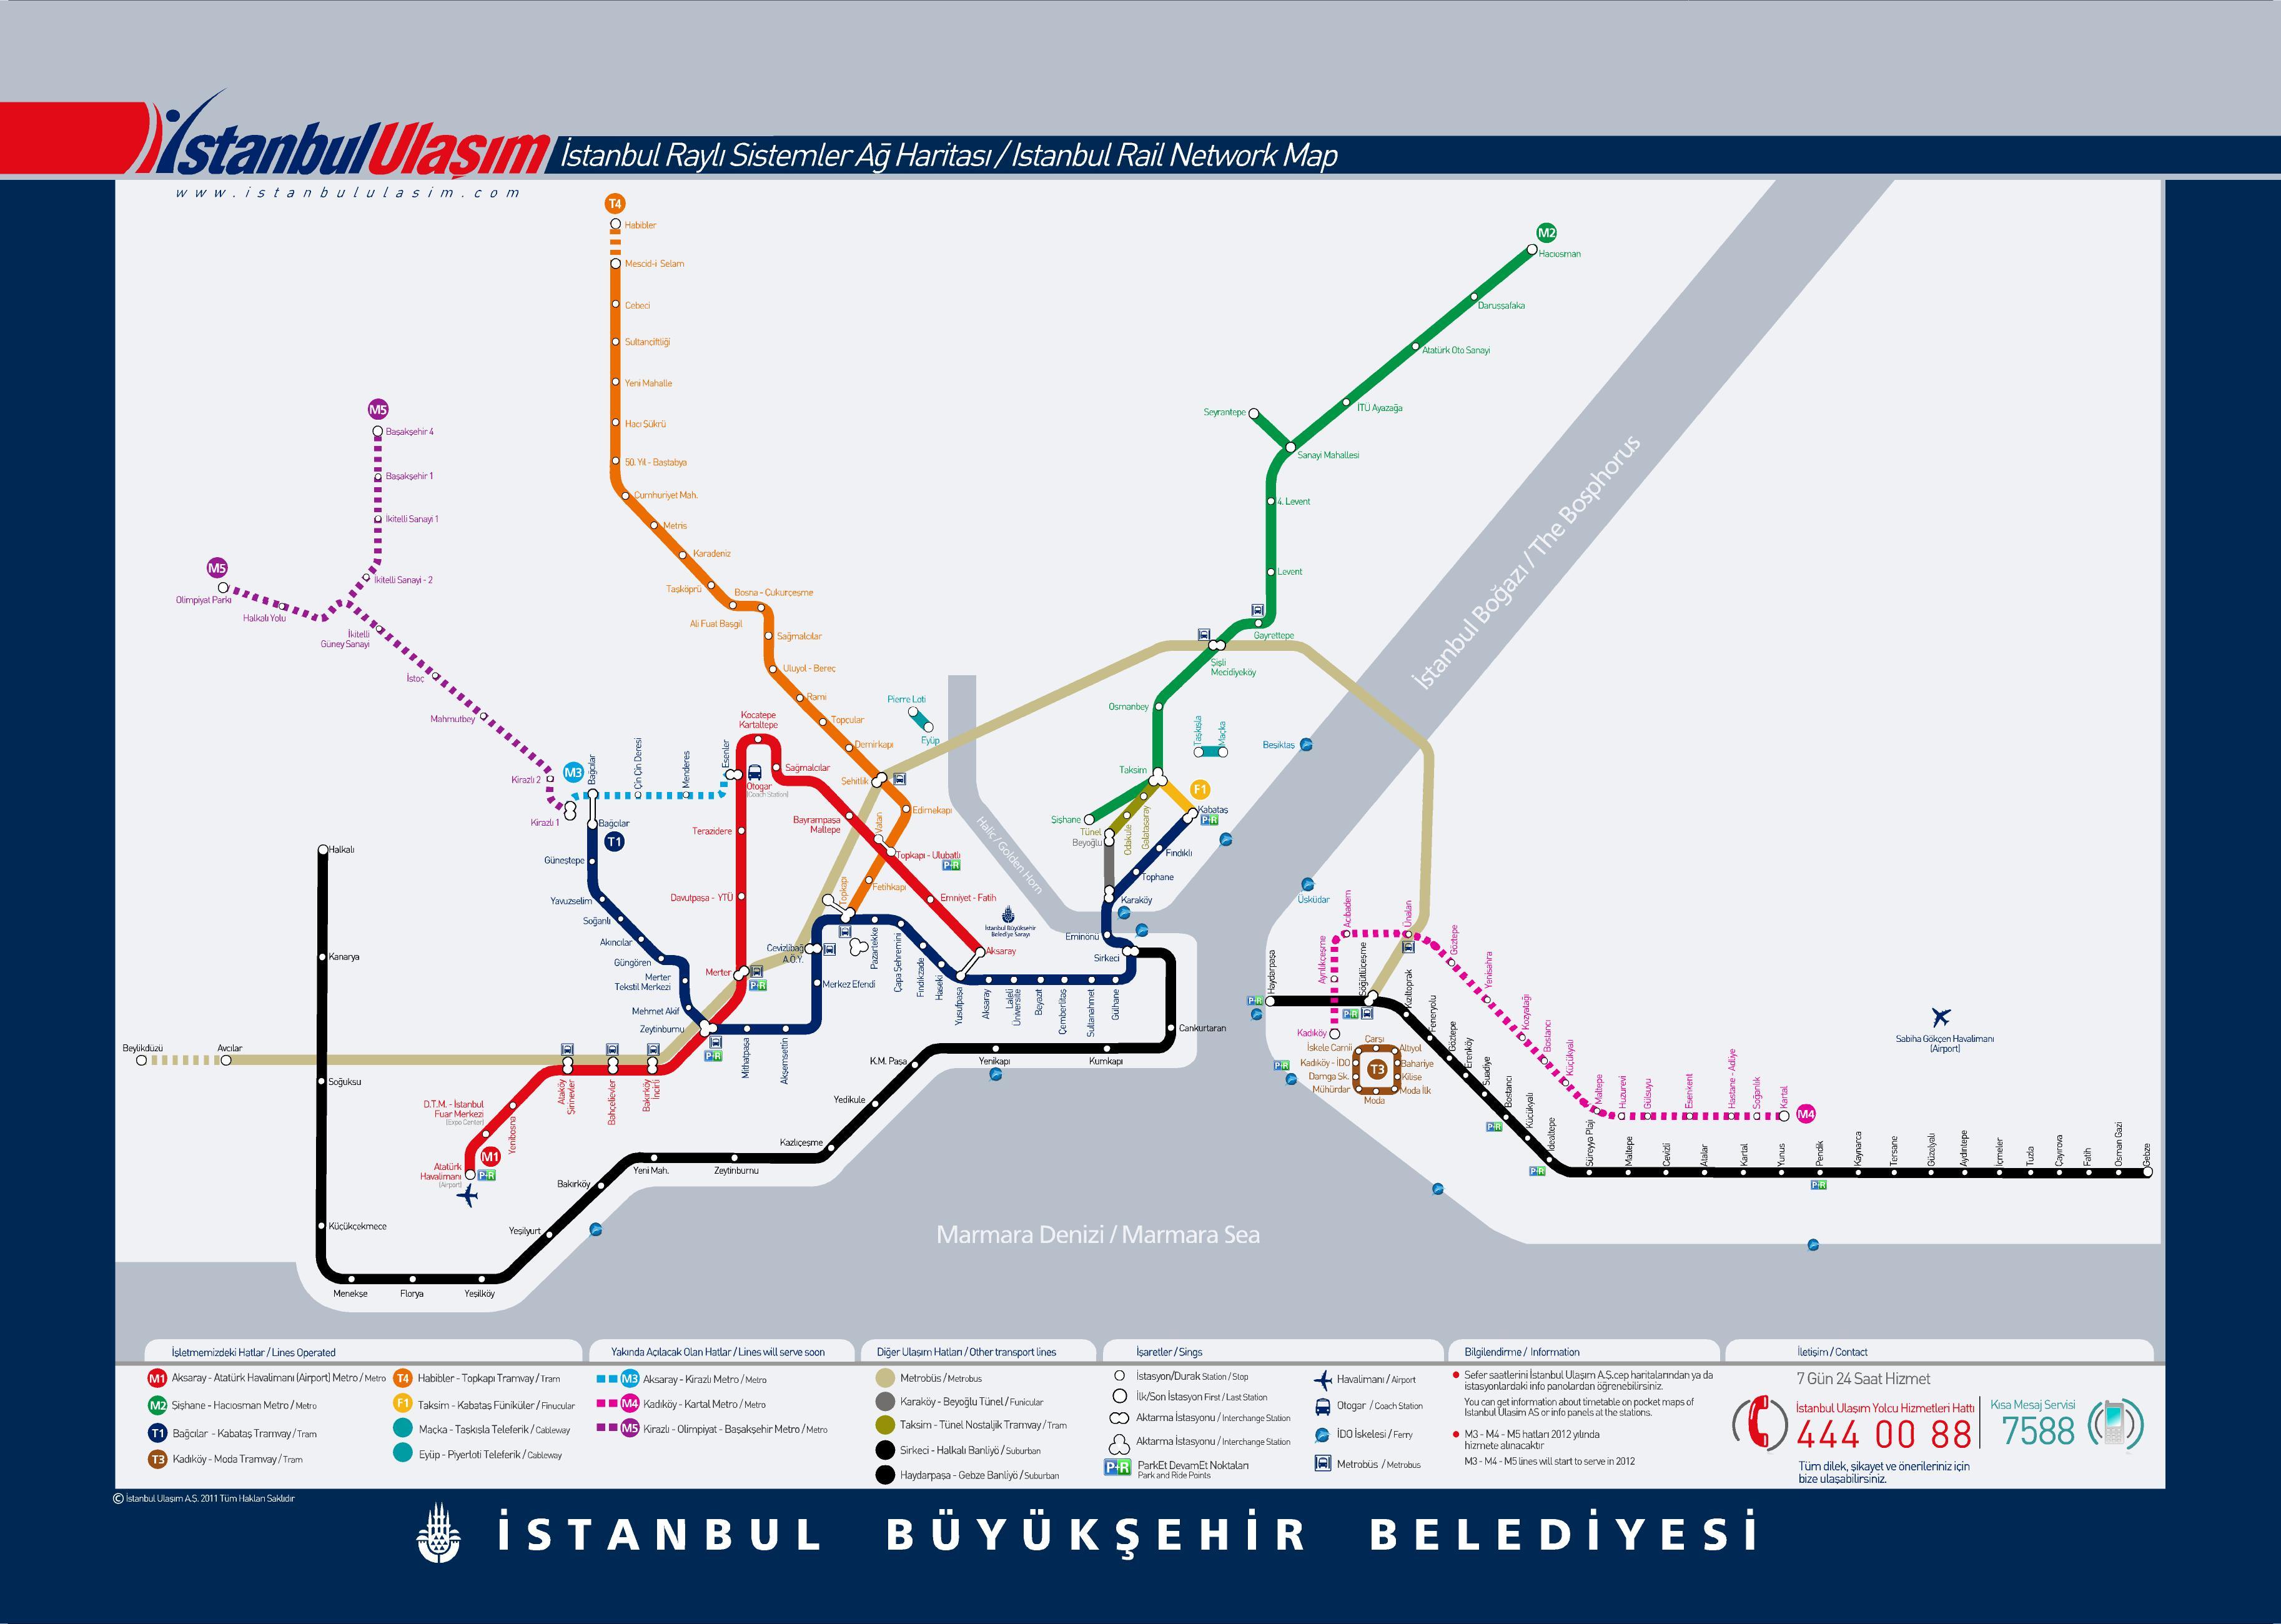 IstanbulRails.  Актуальная карта-схема метро, трамвая и всего остального рельсового городского транспорта.